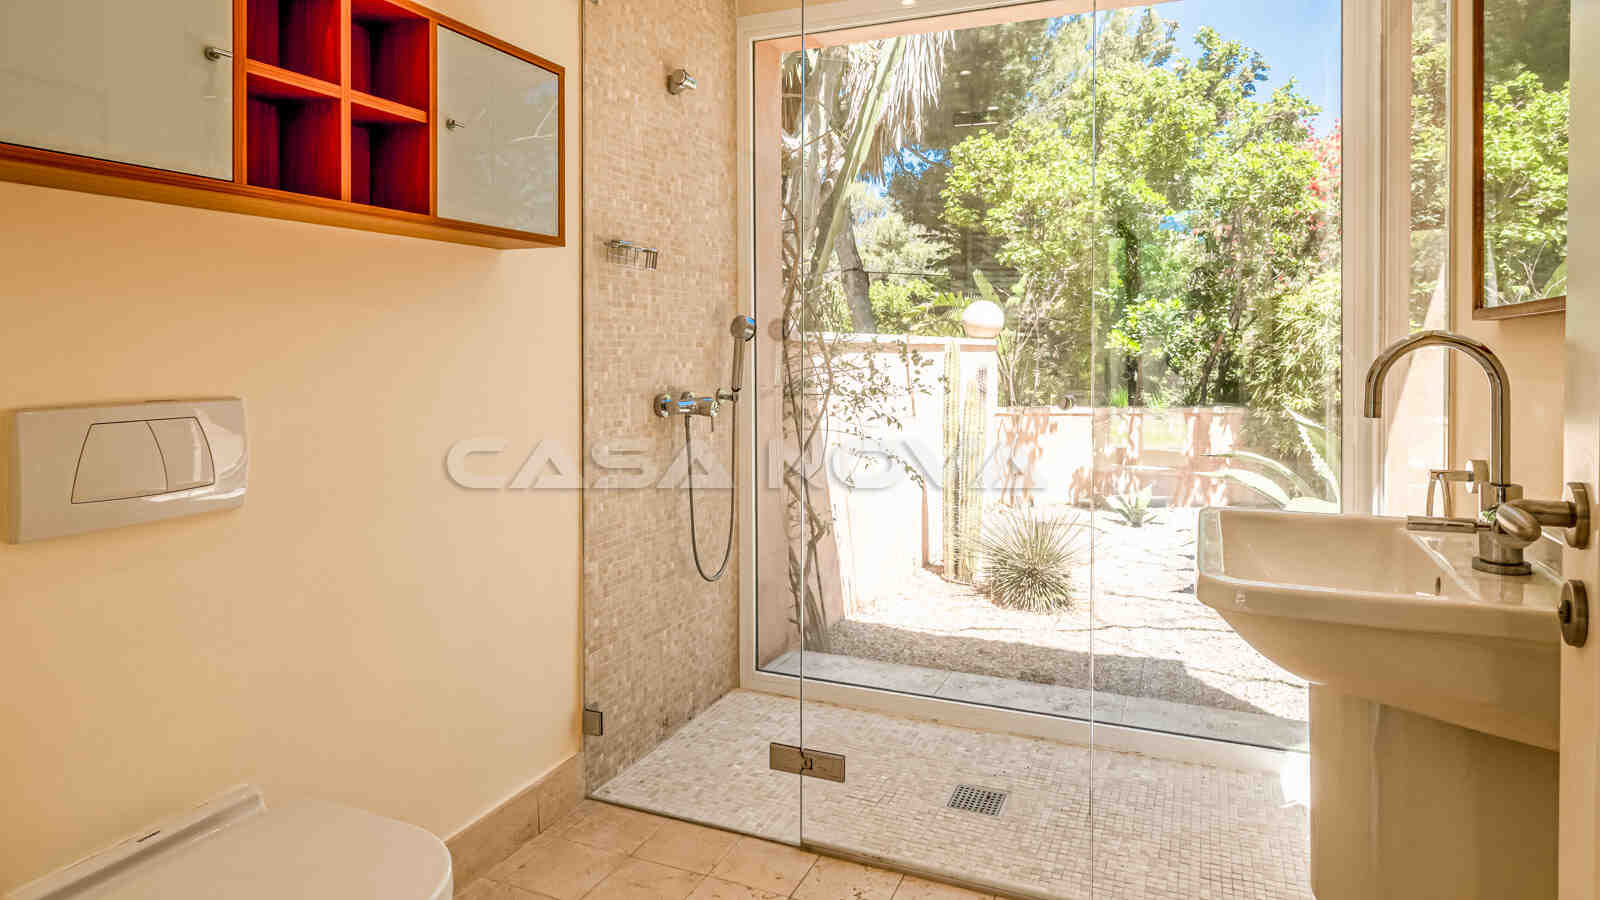 Beeindruckende Architekten- Villa mit mediterranem Flair